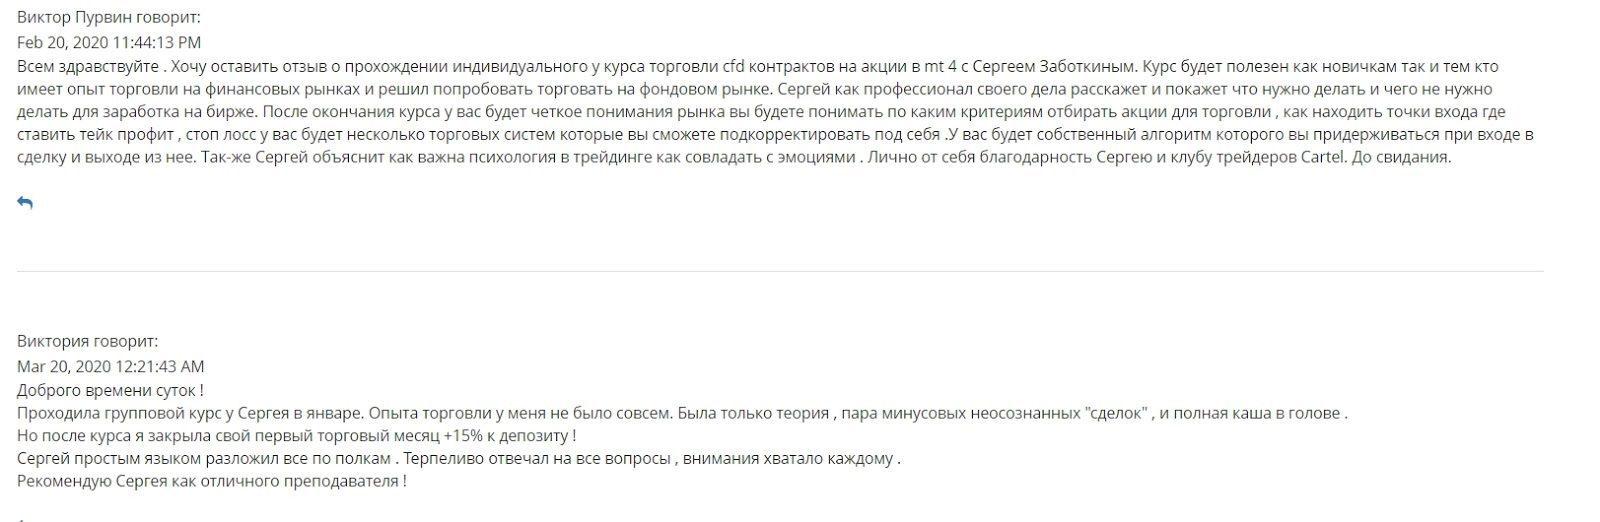 Реальные отзывы о курсе Заботкина